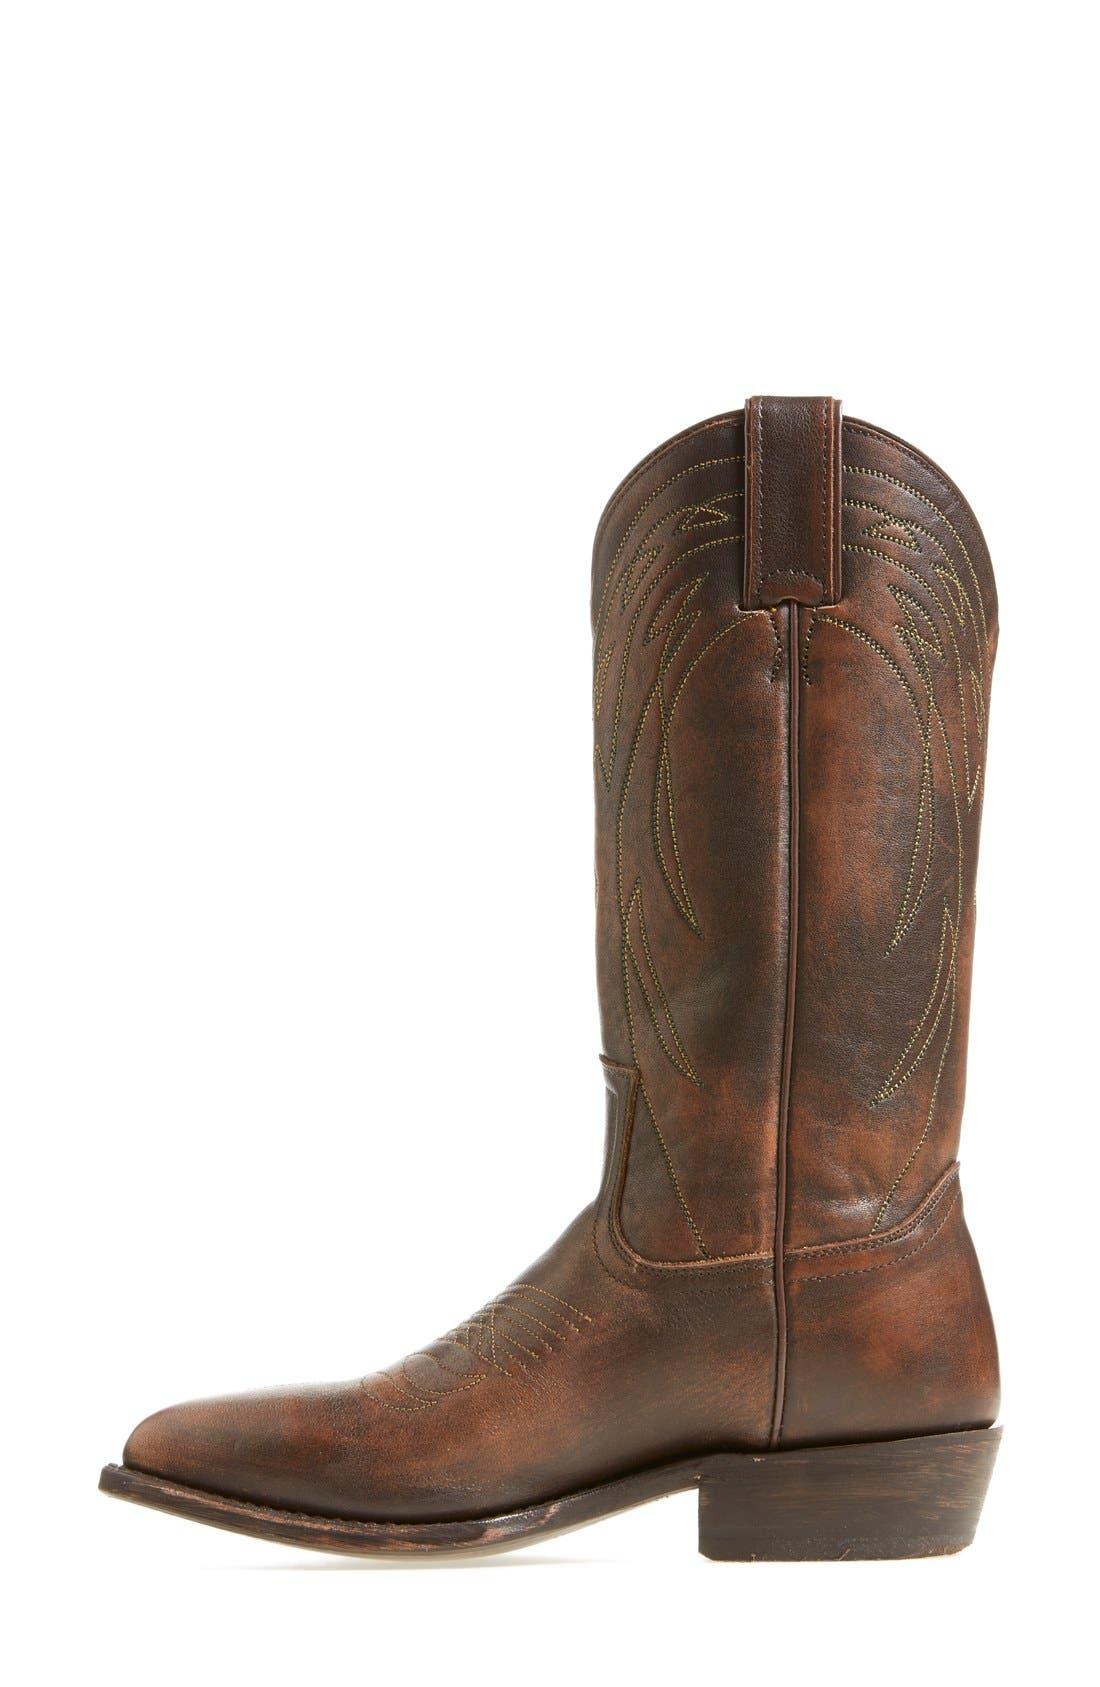 Alternate Image 3  - Frye 'Billy' Leather Western Boot (Women)